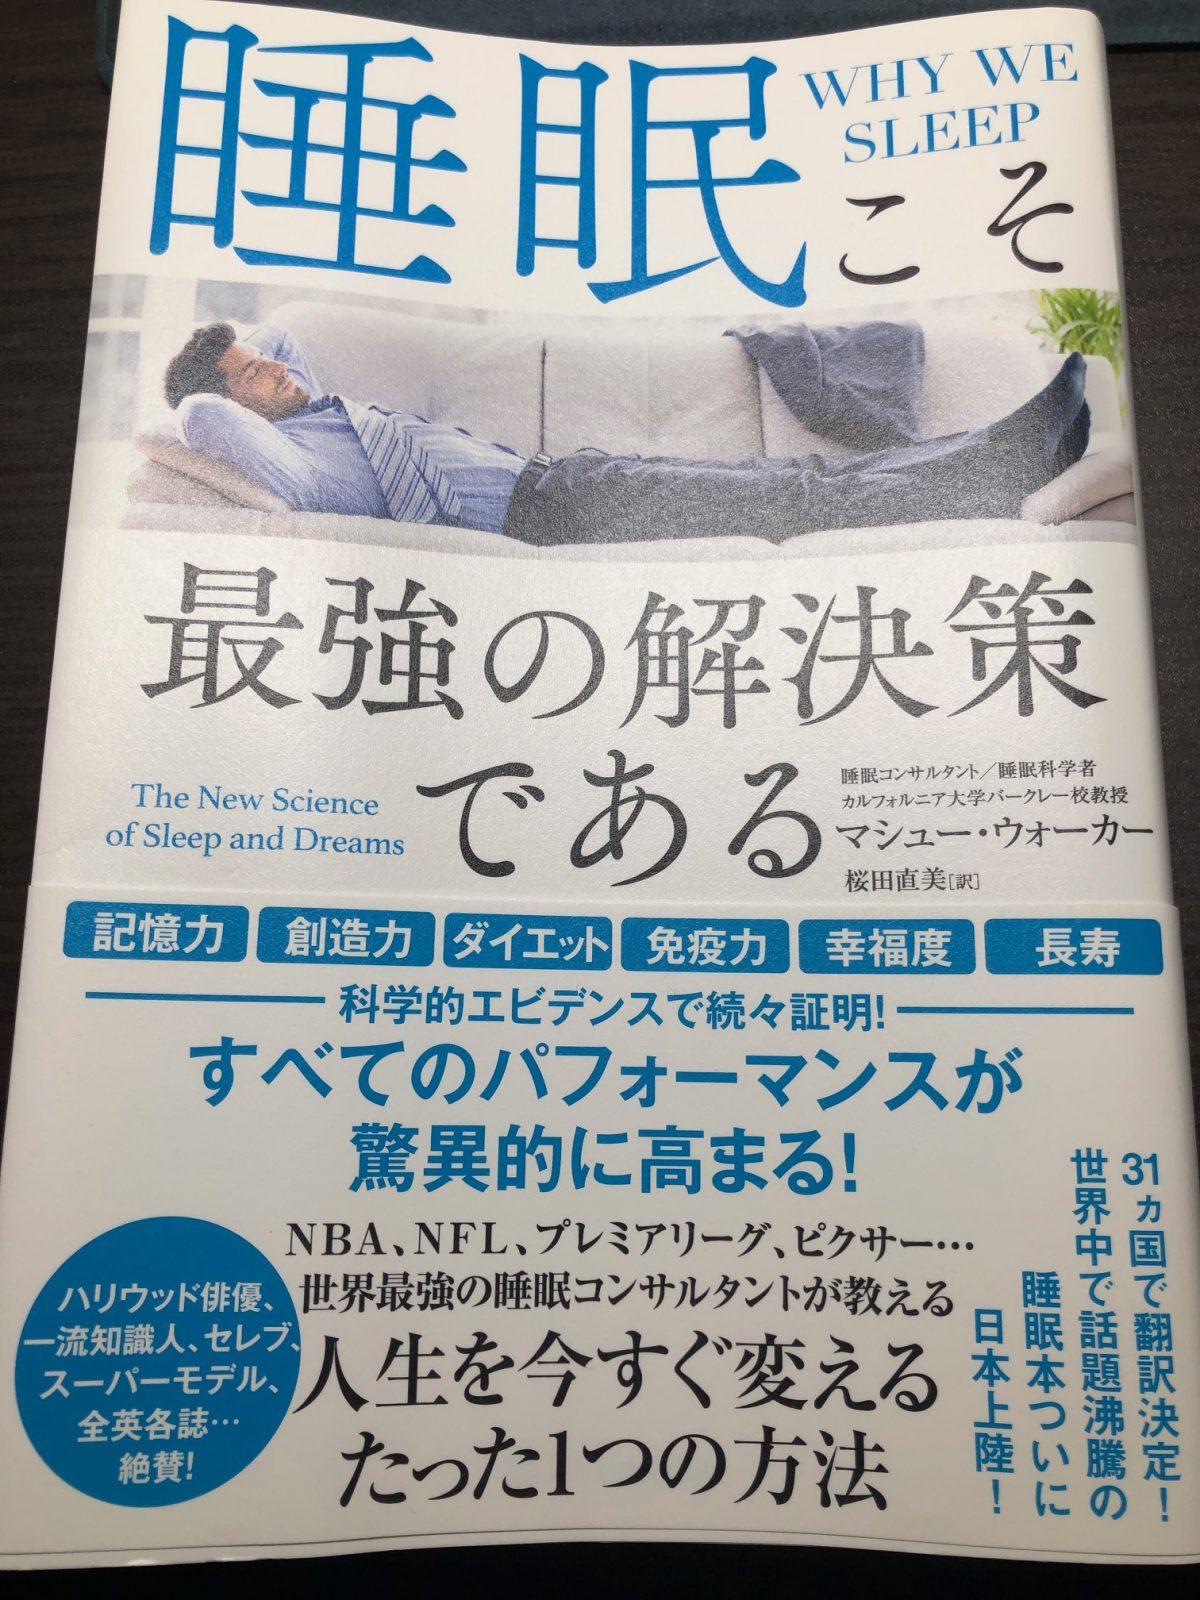 マシュー・ウォーカー著作「睡眠こそ最強の解決策である」を読んで